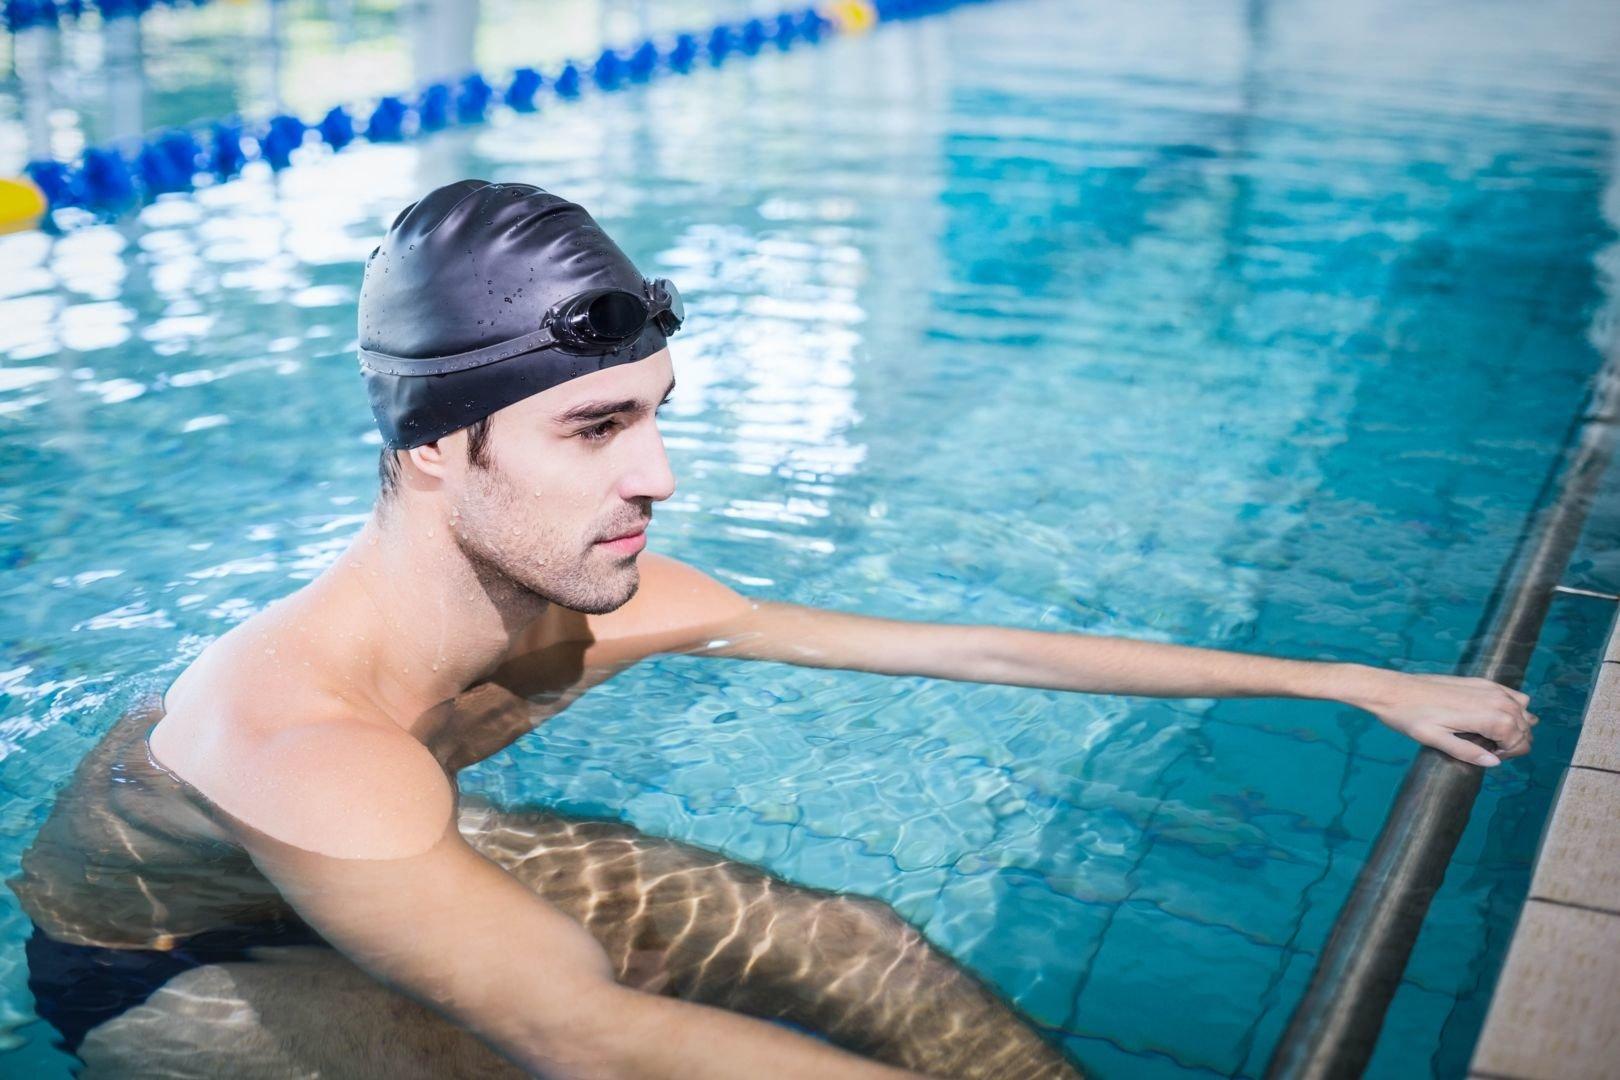 Schwimmer Rücken Depositphotos_98246188_original.jpg